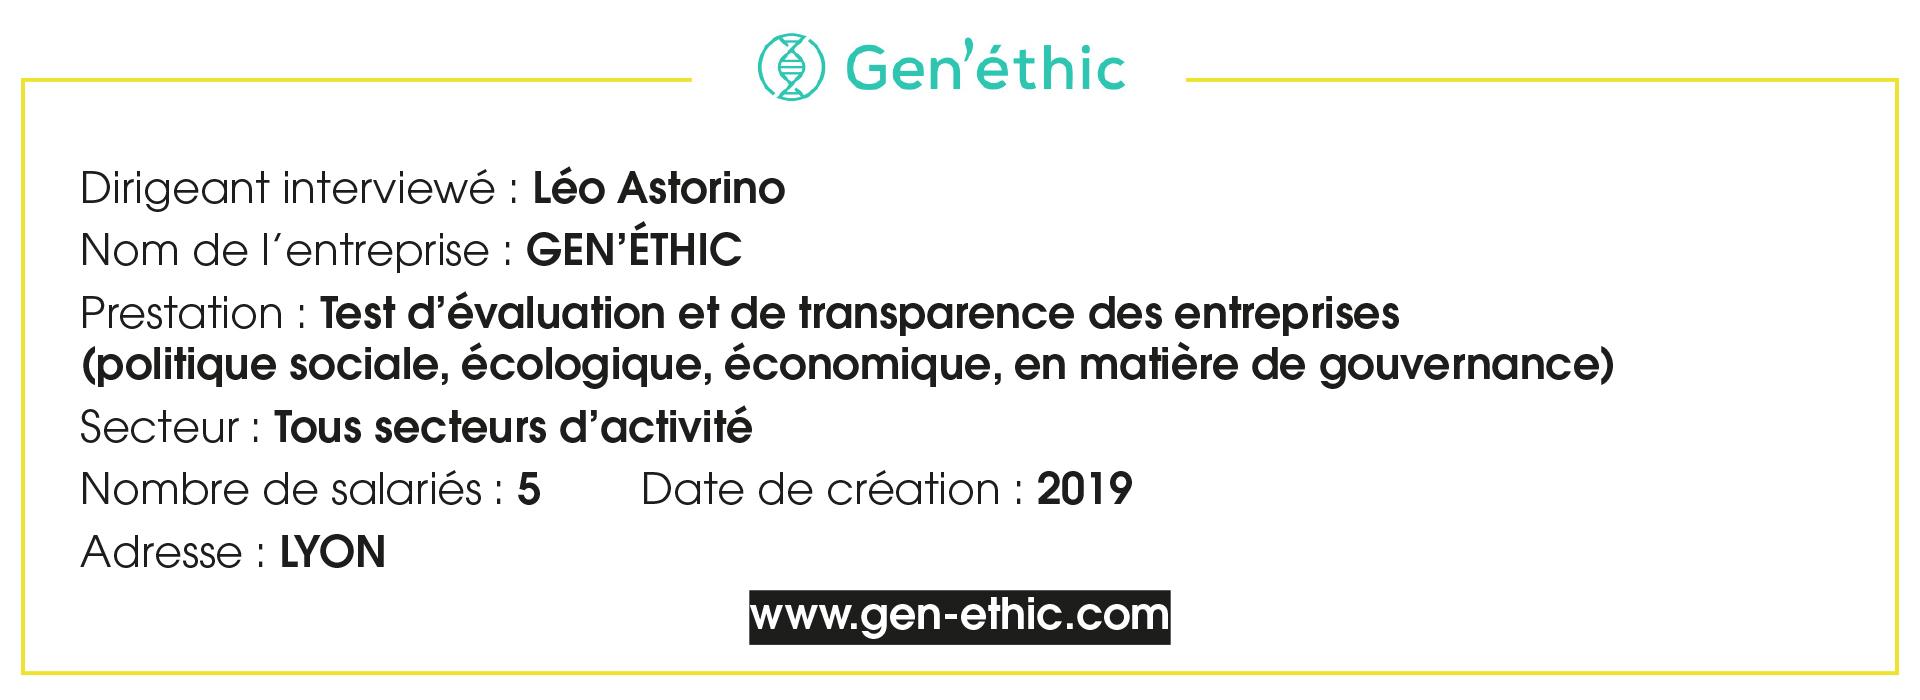 Fiche Entreprise Gen'éthic - Leo Estorino